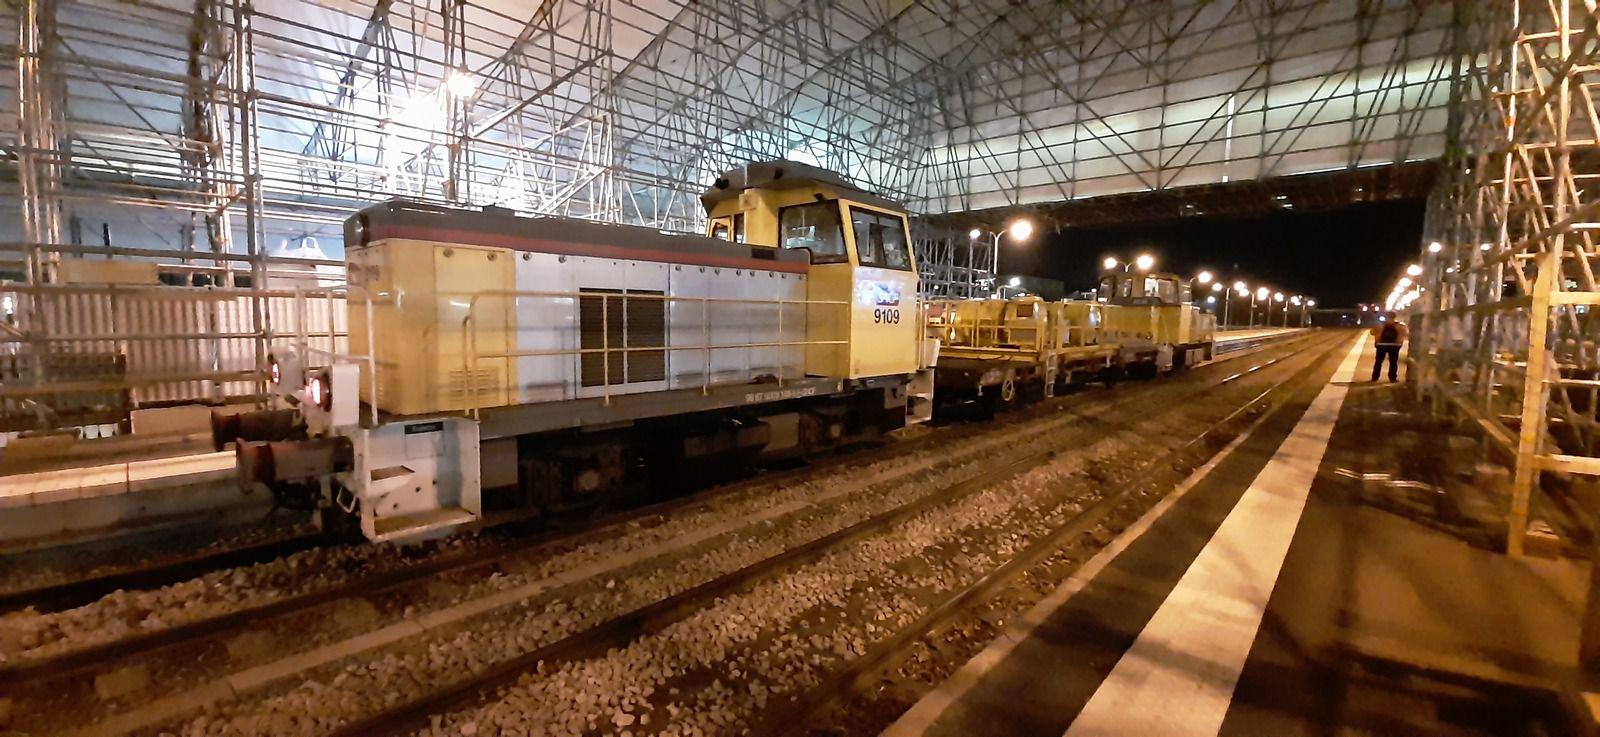 Y9100 et Y8000 en stationnement à la gare de Troyes